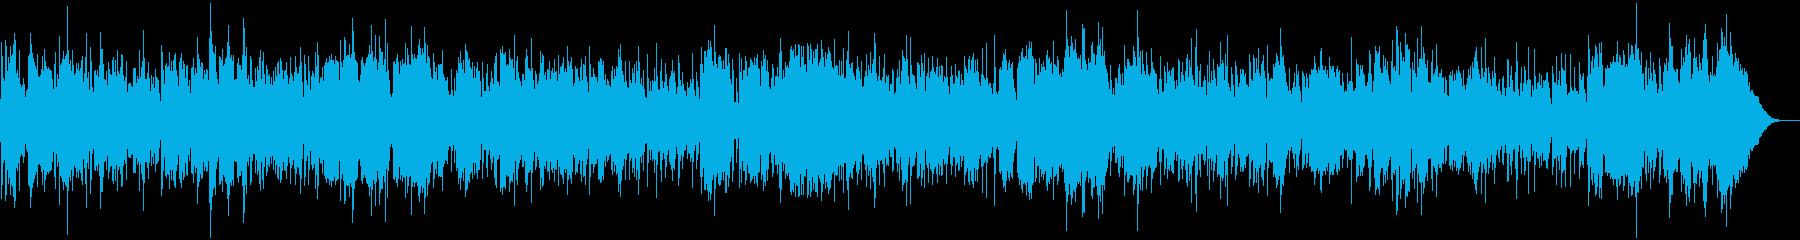 トロピカルで夏らしいウクレレハワイアンの再生済みの波形